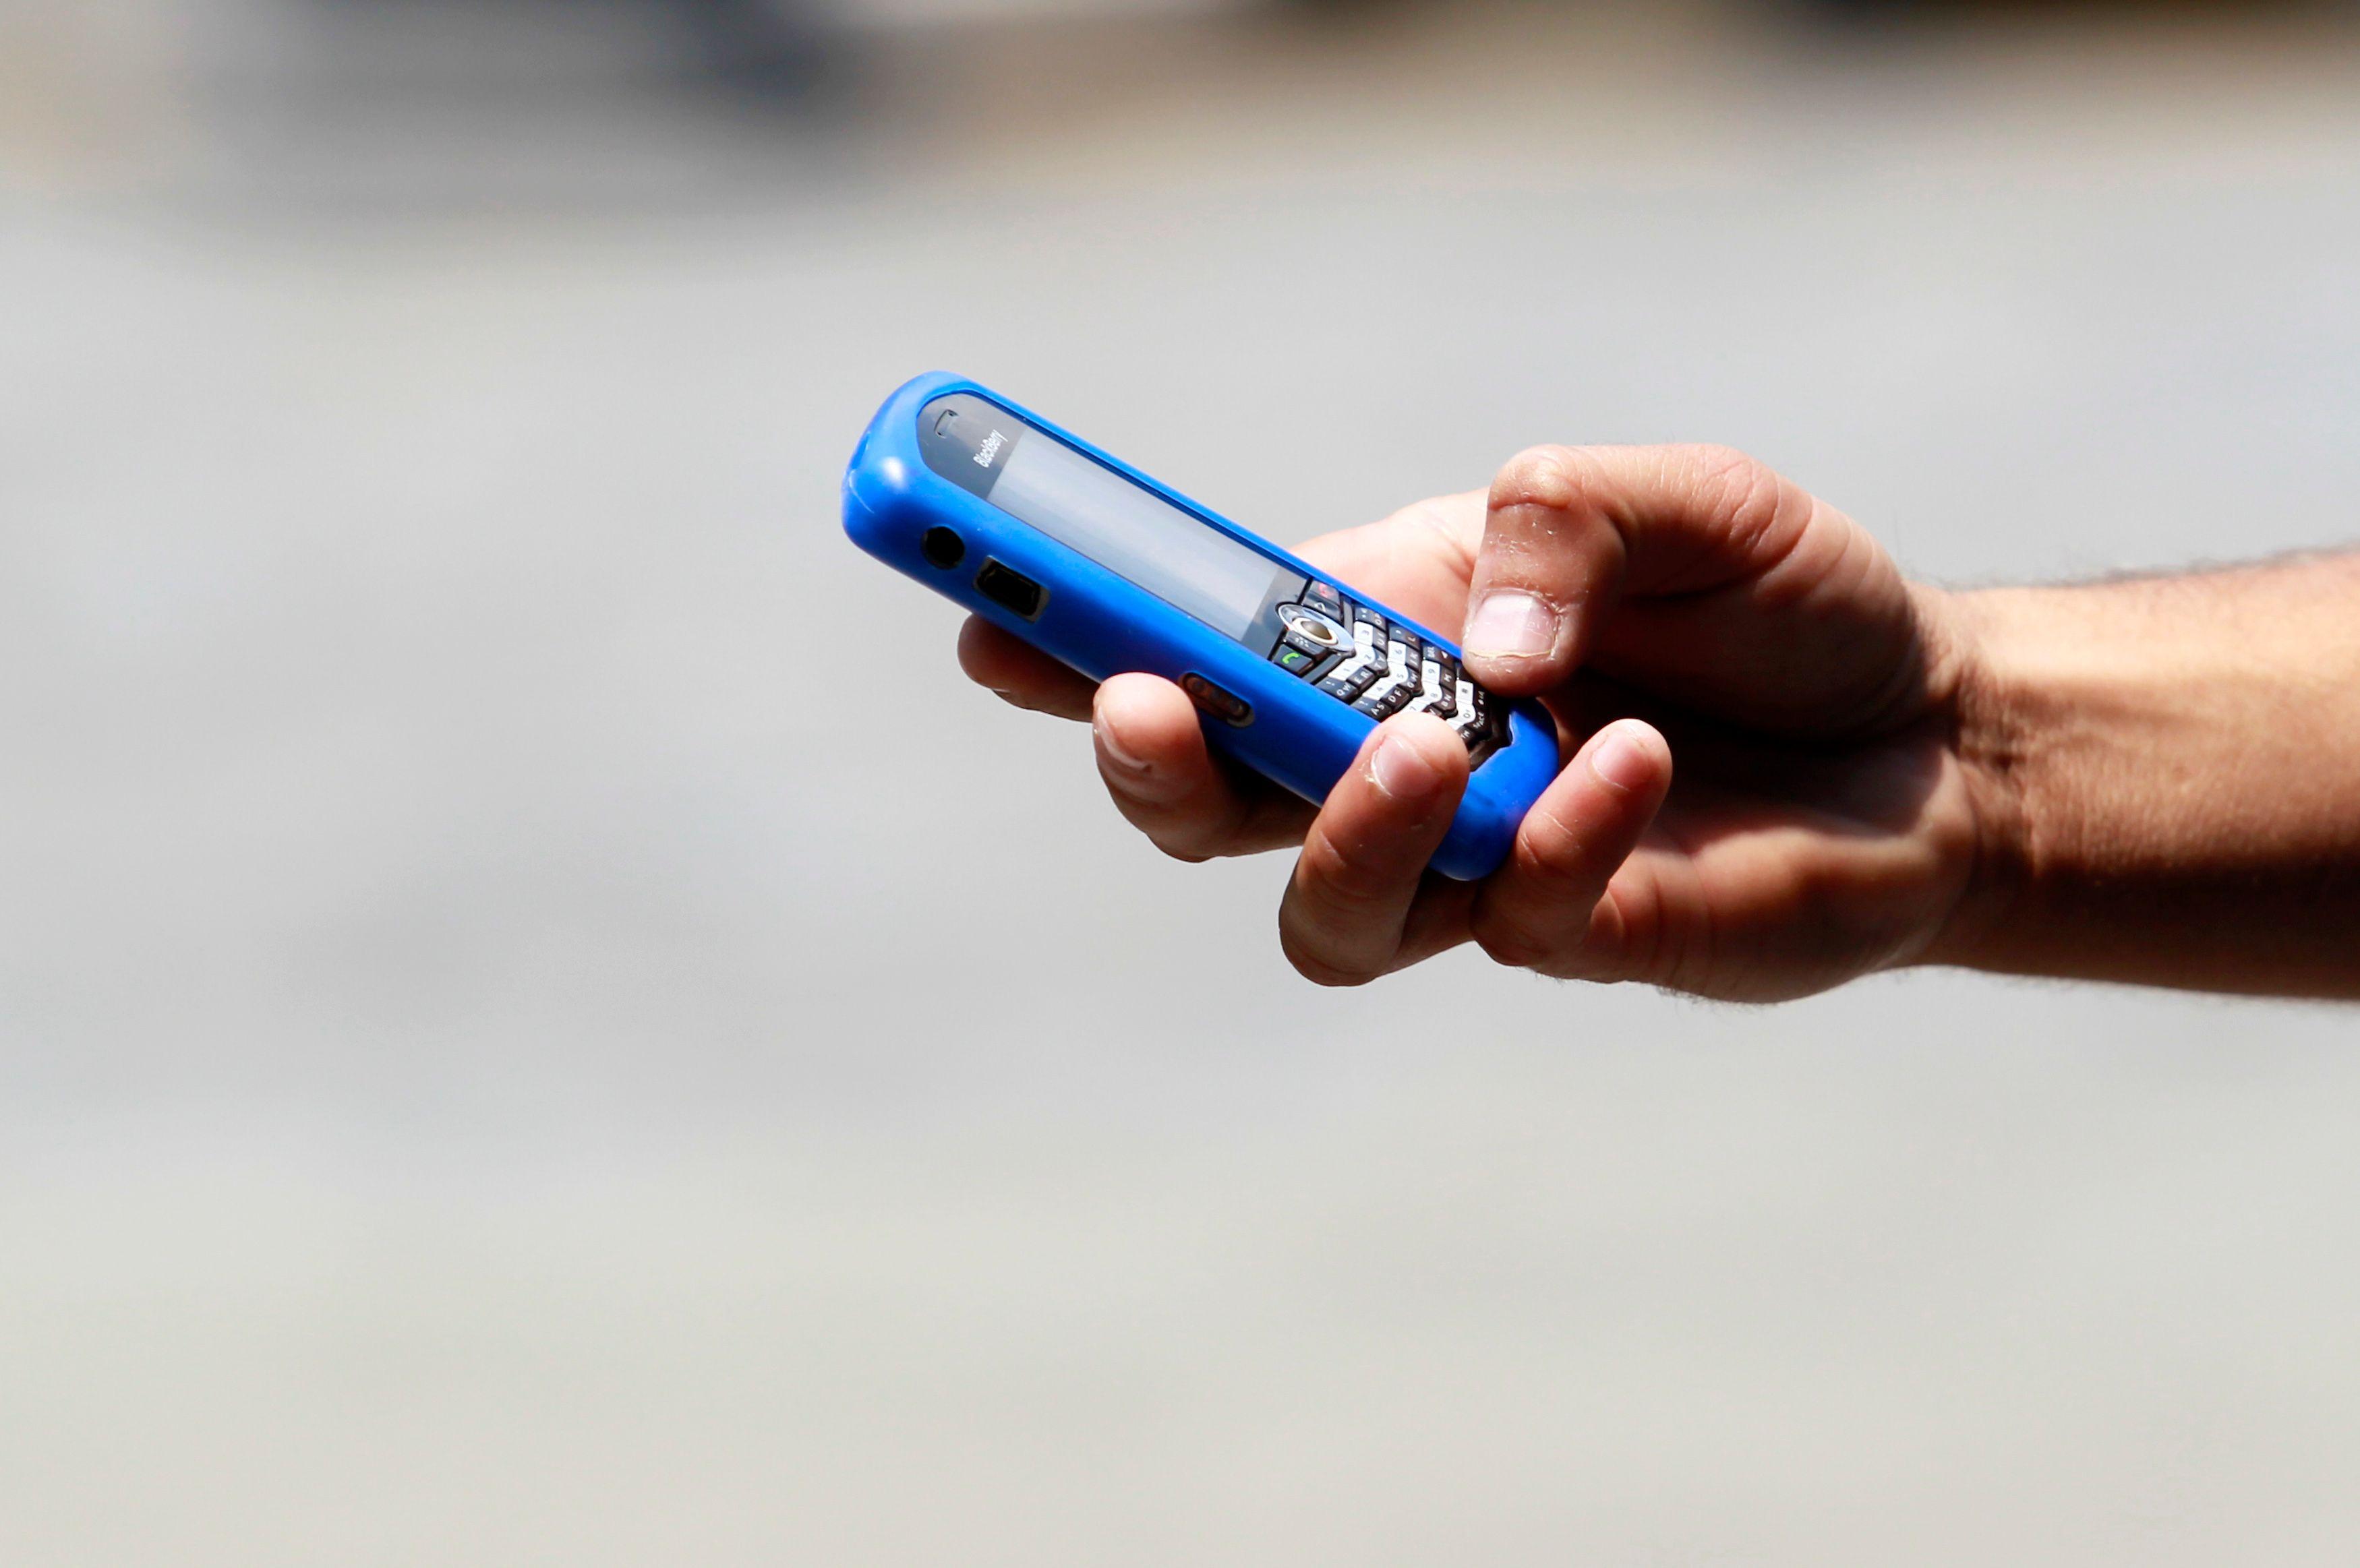 Si vous envoyez vos voeux par sms, prenez le temps de les personnaliser